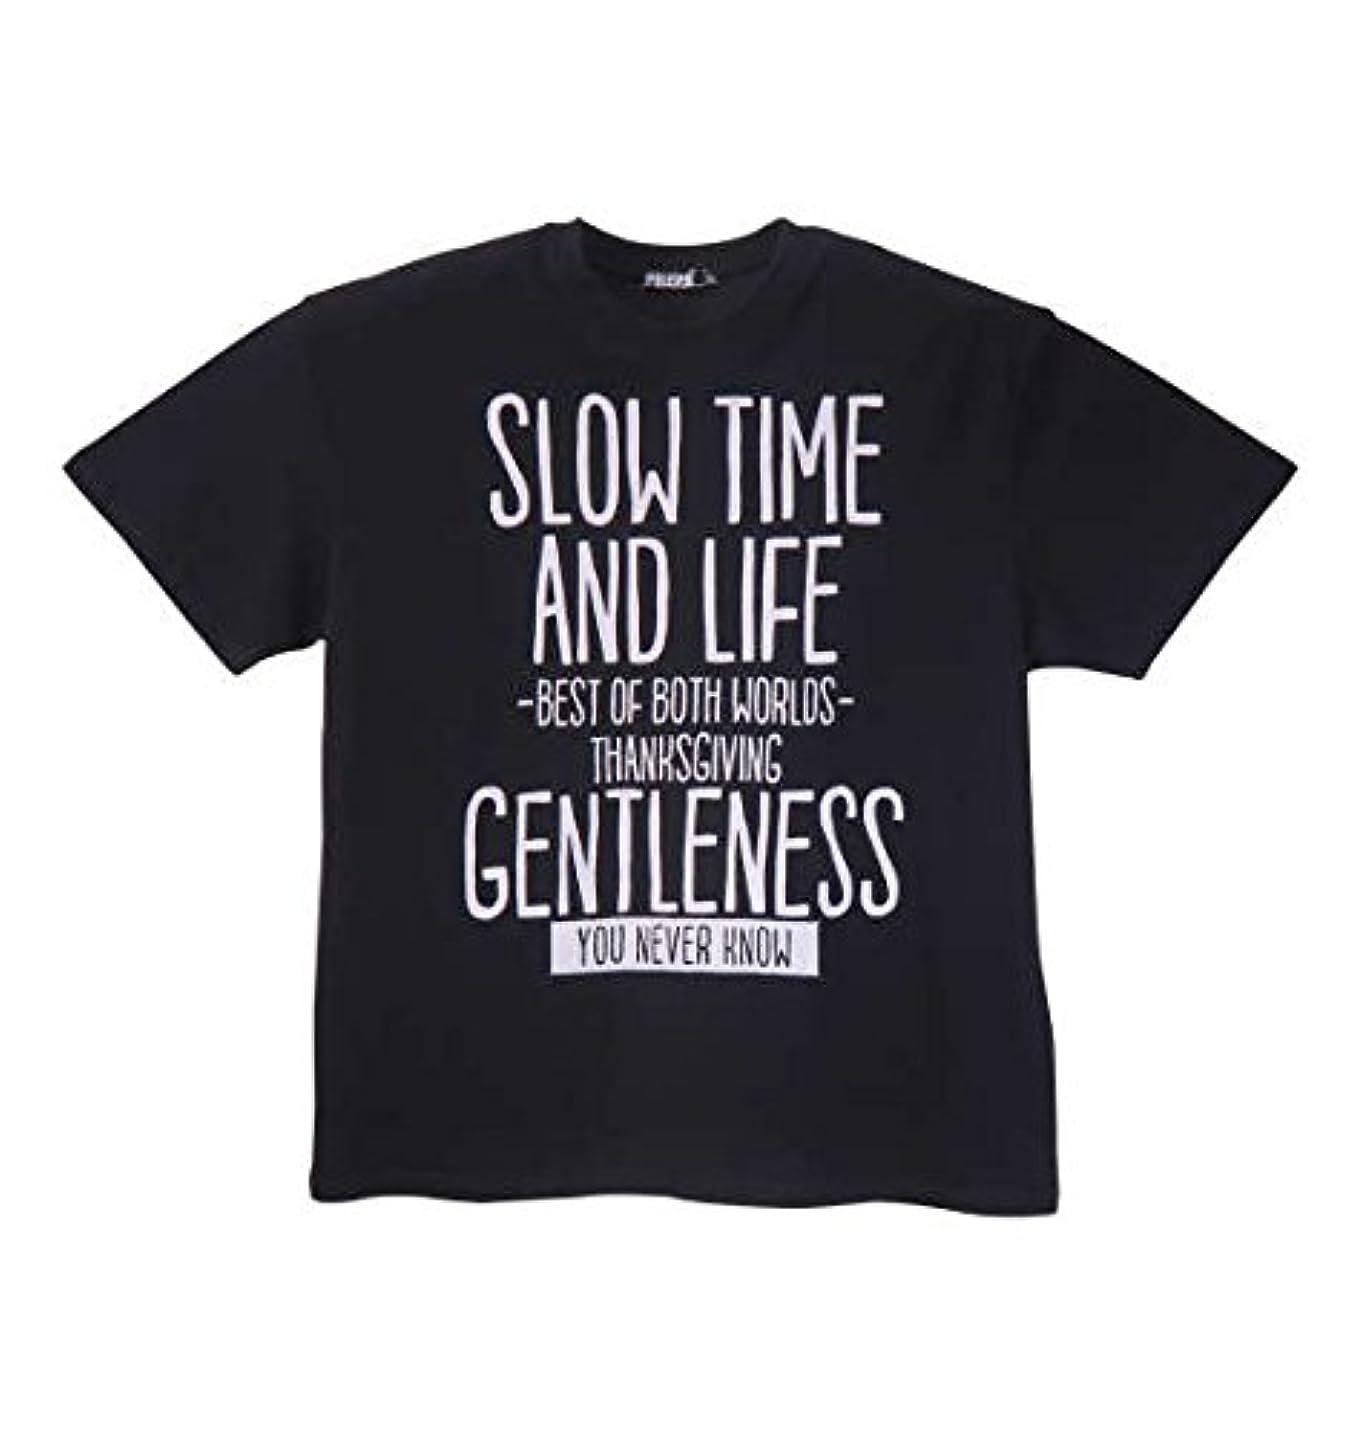 挨拶するベーシックPREPS 半袖Tシャツ ブラック 大きいサイズ メンズ 3L 4L 5L 6L 8L 1158-8590-2